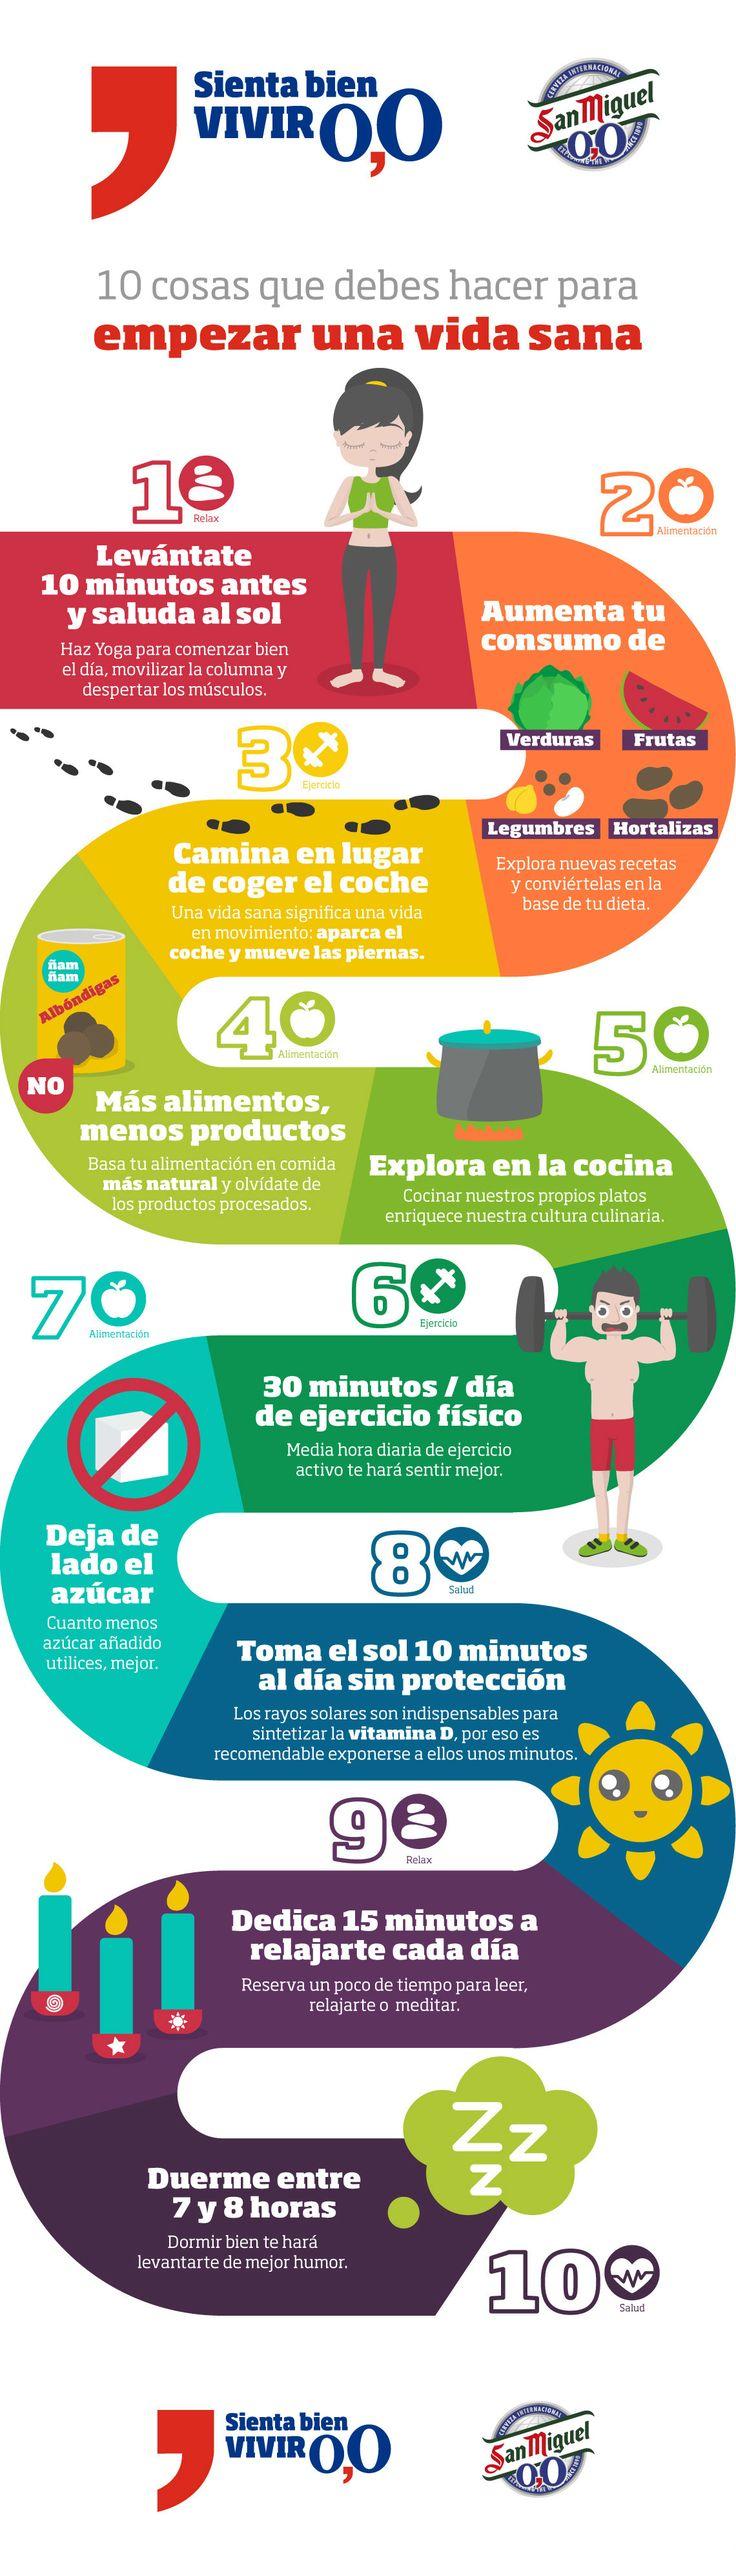 Cómo aumentar tu bienestar y comenzar a llevar una vida más sana y saludable. 10 pequeños cambios en nuestro día a día para lograrlo. Infografía.